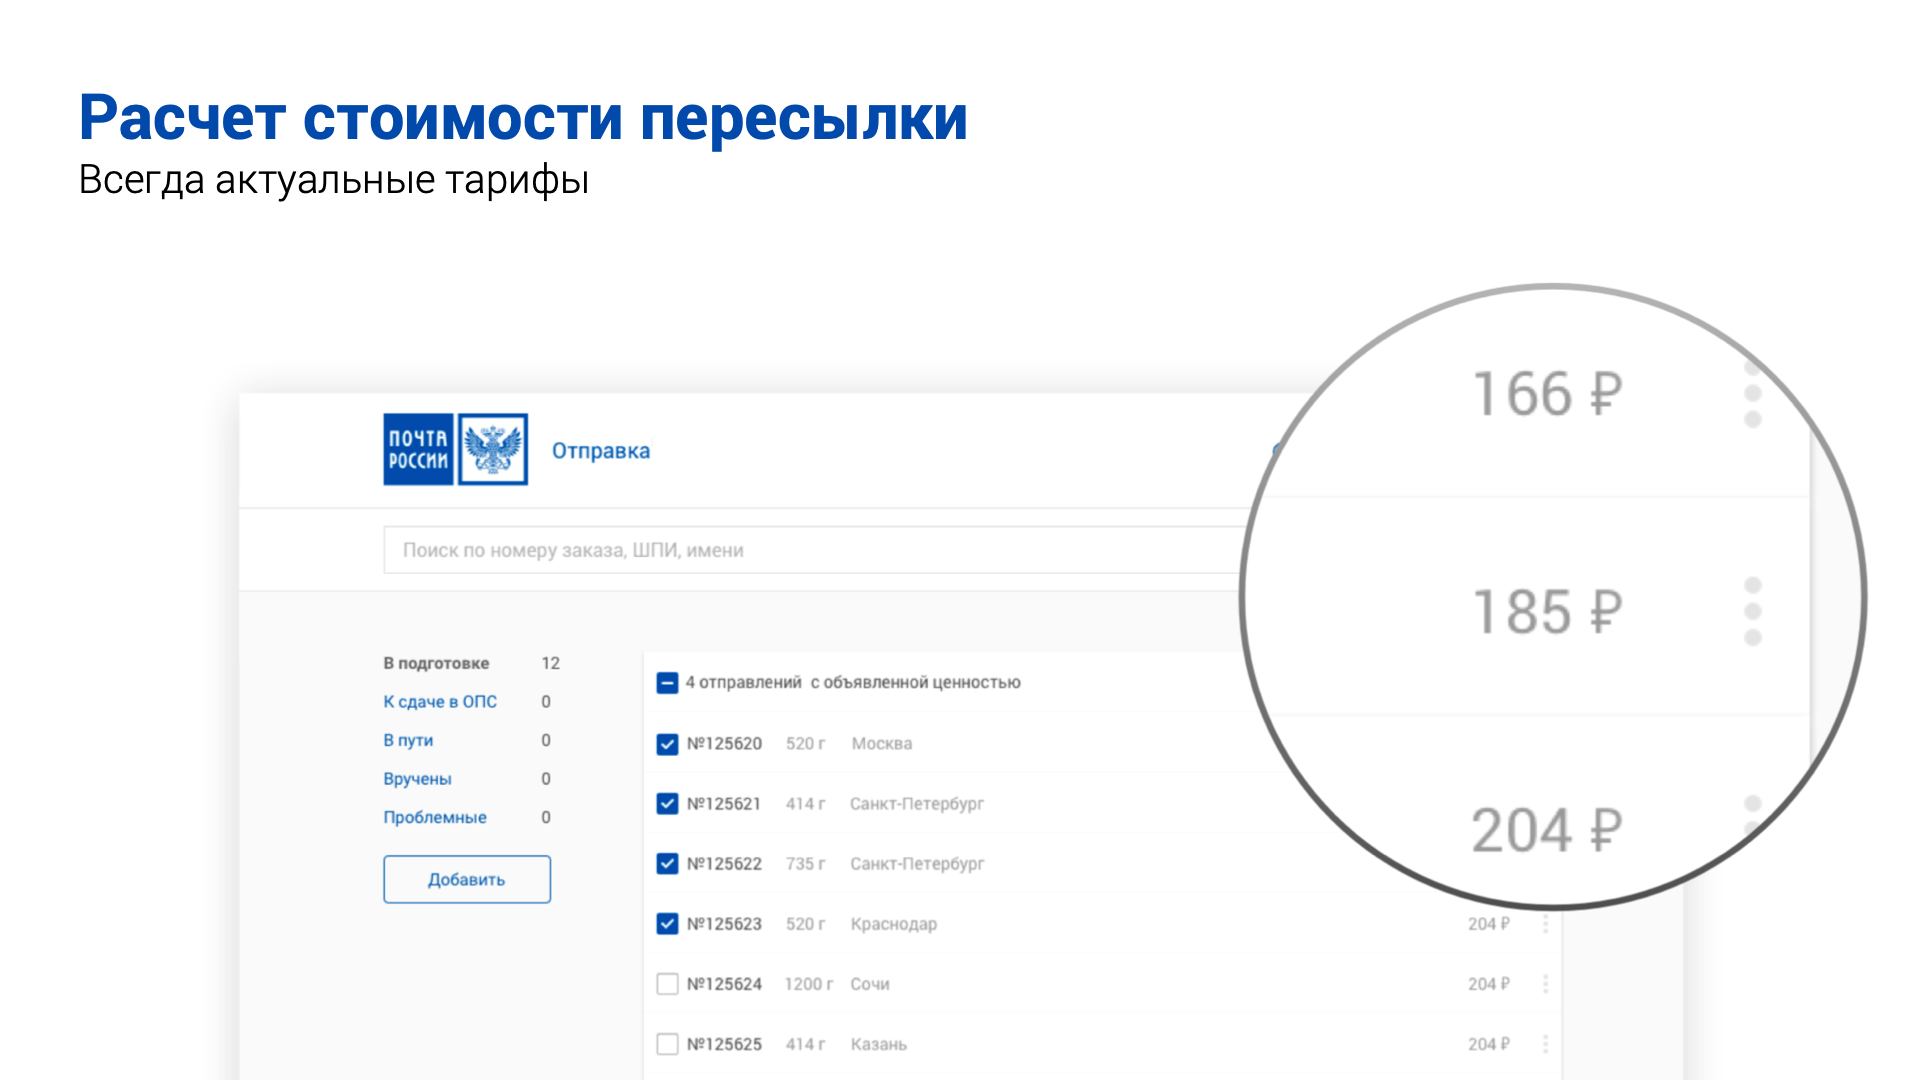 Почтовые Технологии — как мы цифровизируем Почту России - 7